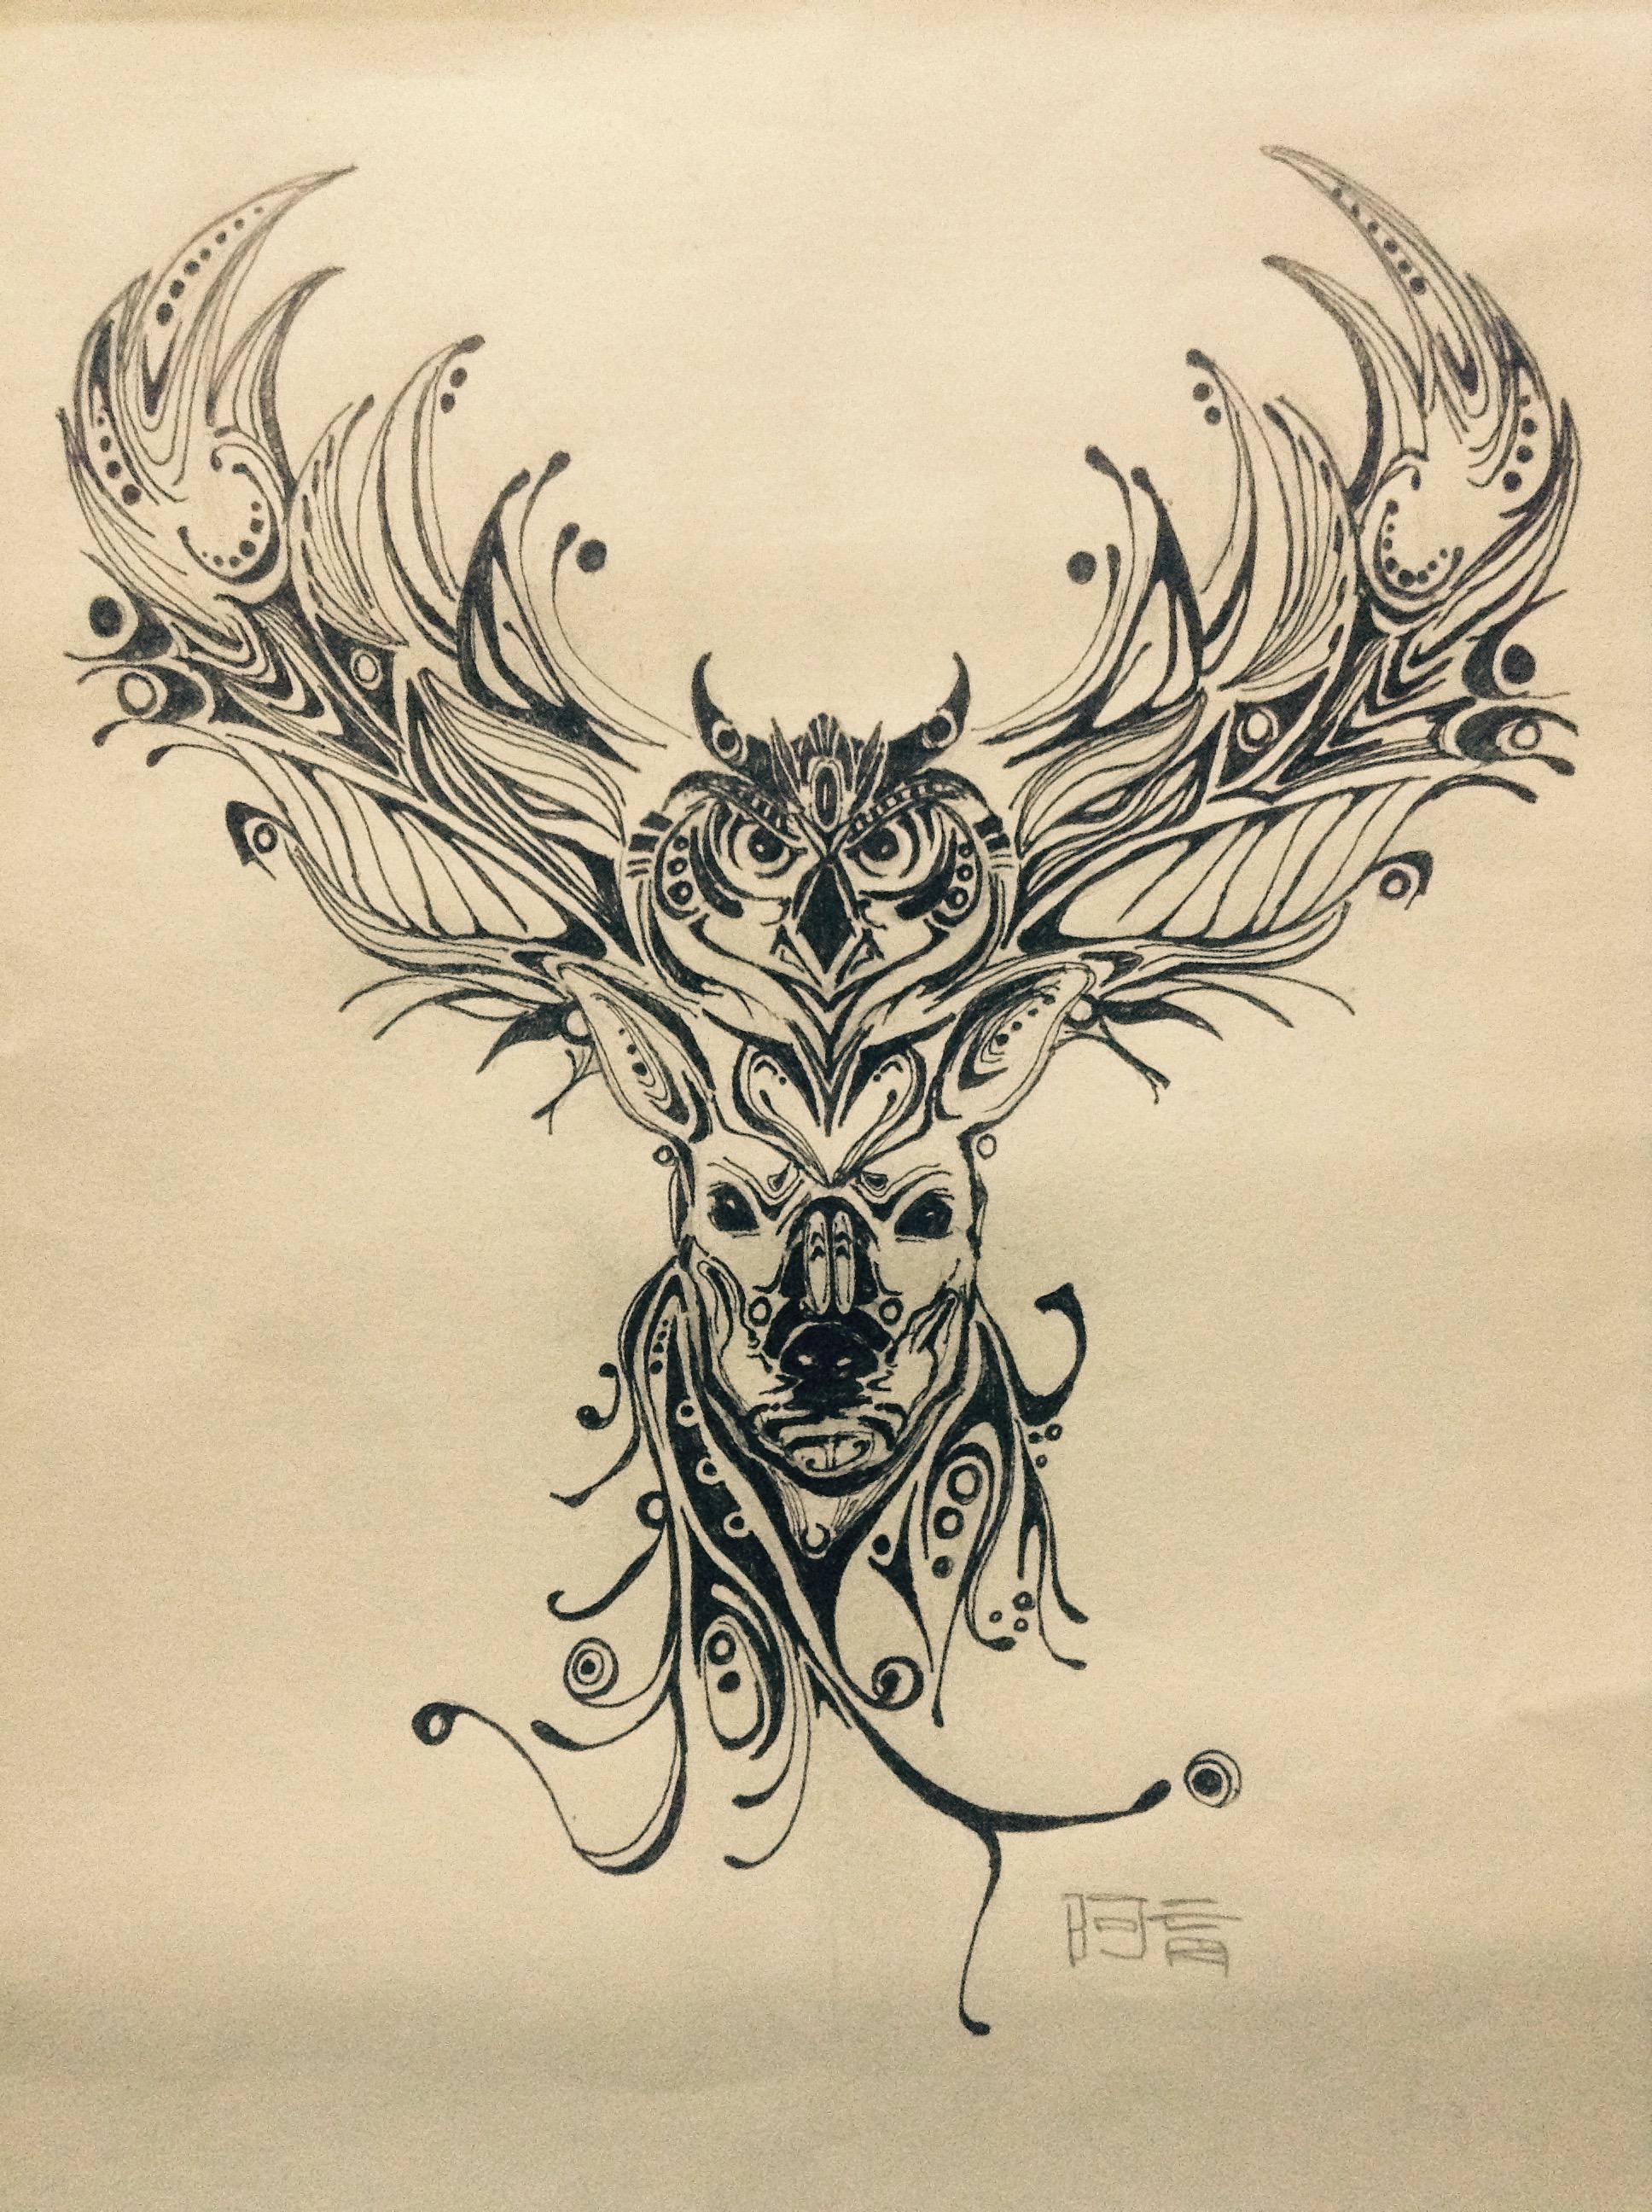 麋鹿与猫头鹰图片